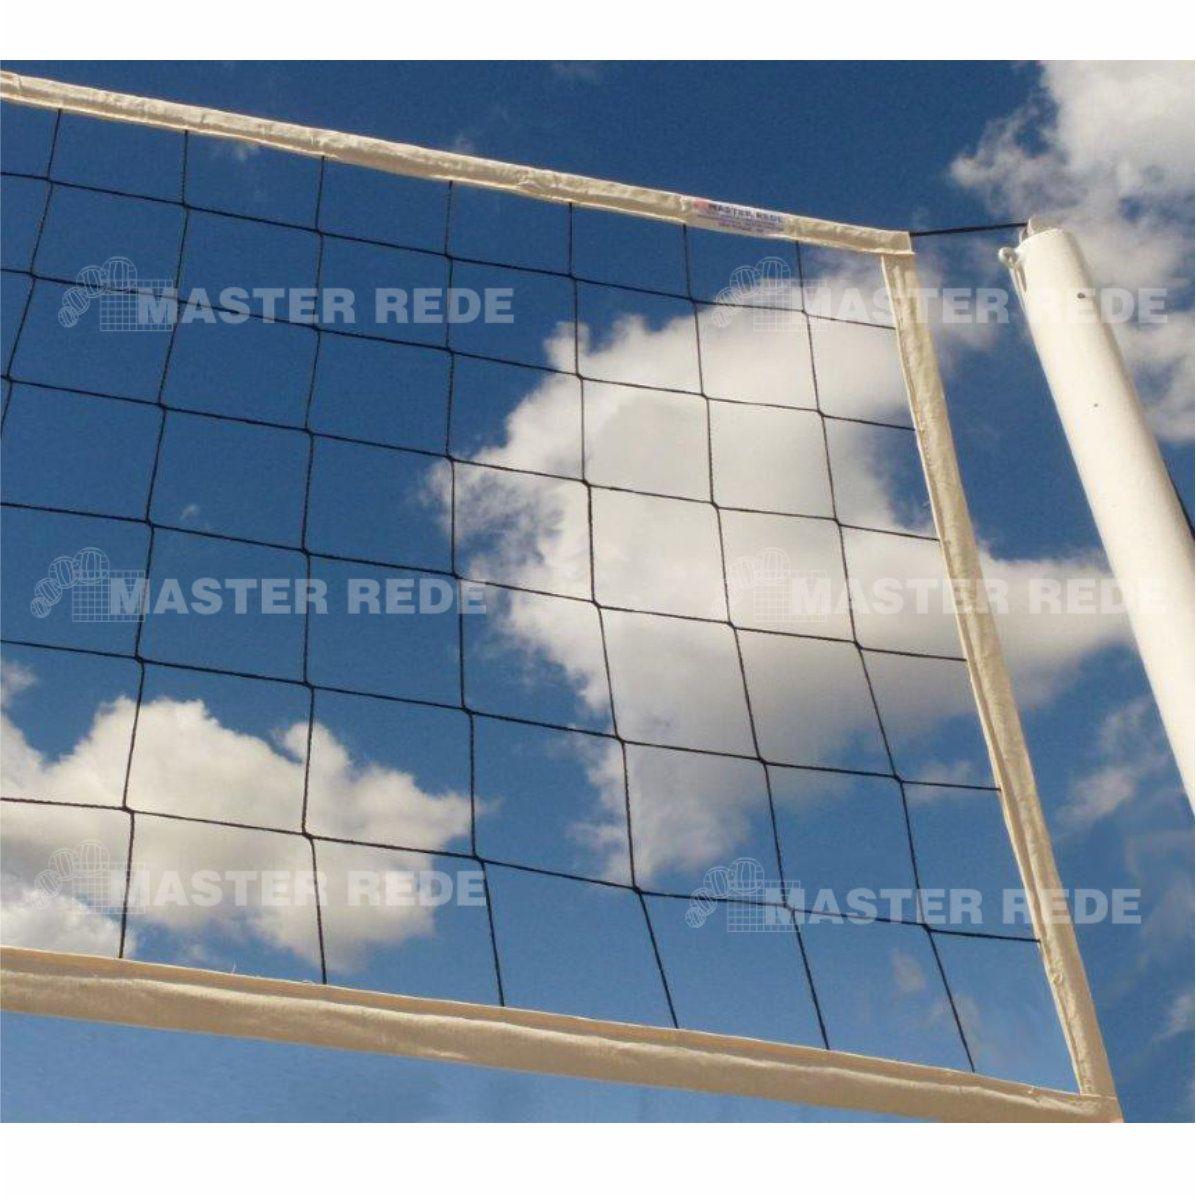 Rede de Volei 4 Faixas Sinteticas Master Rede VS-4